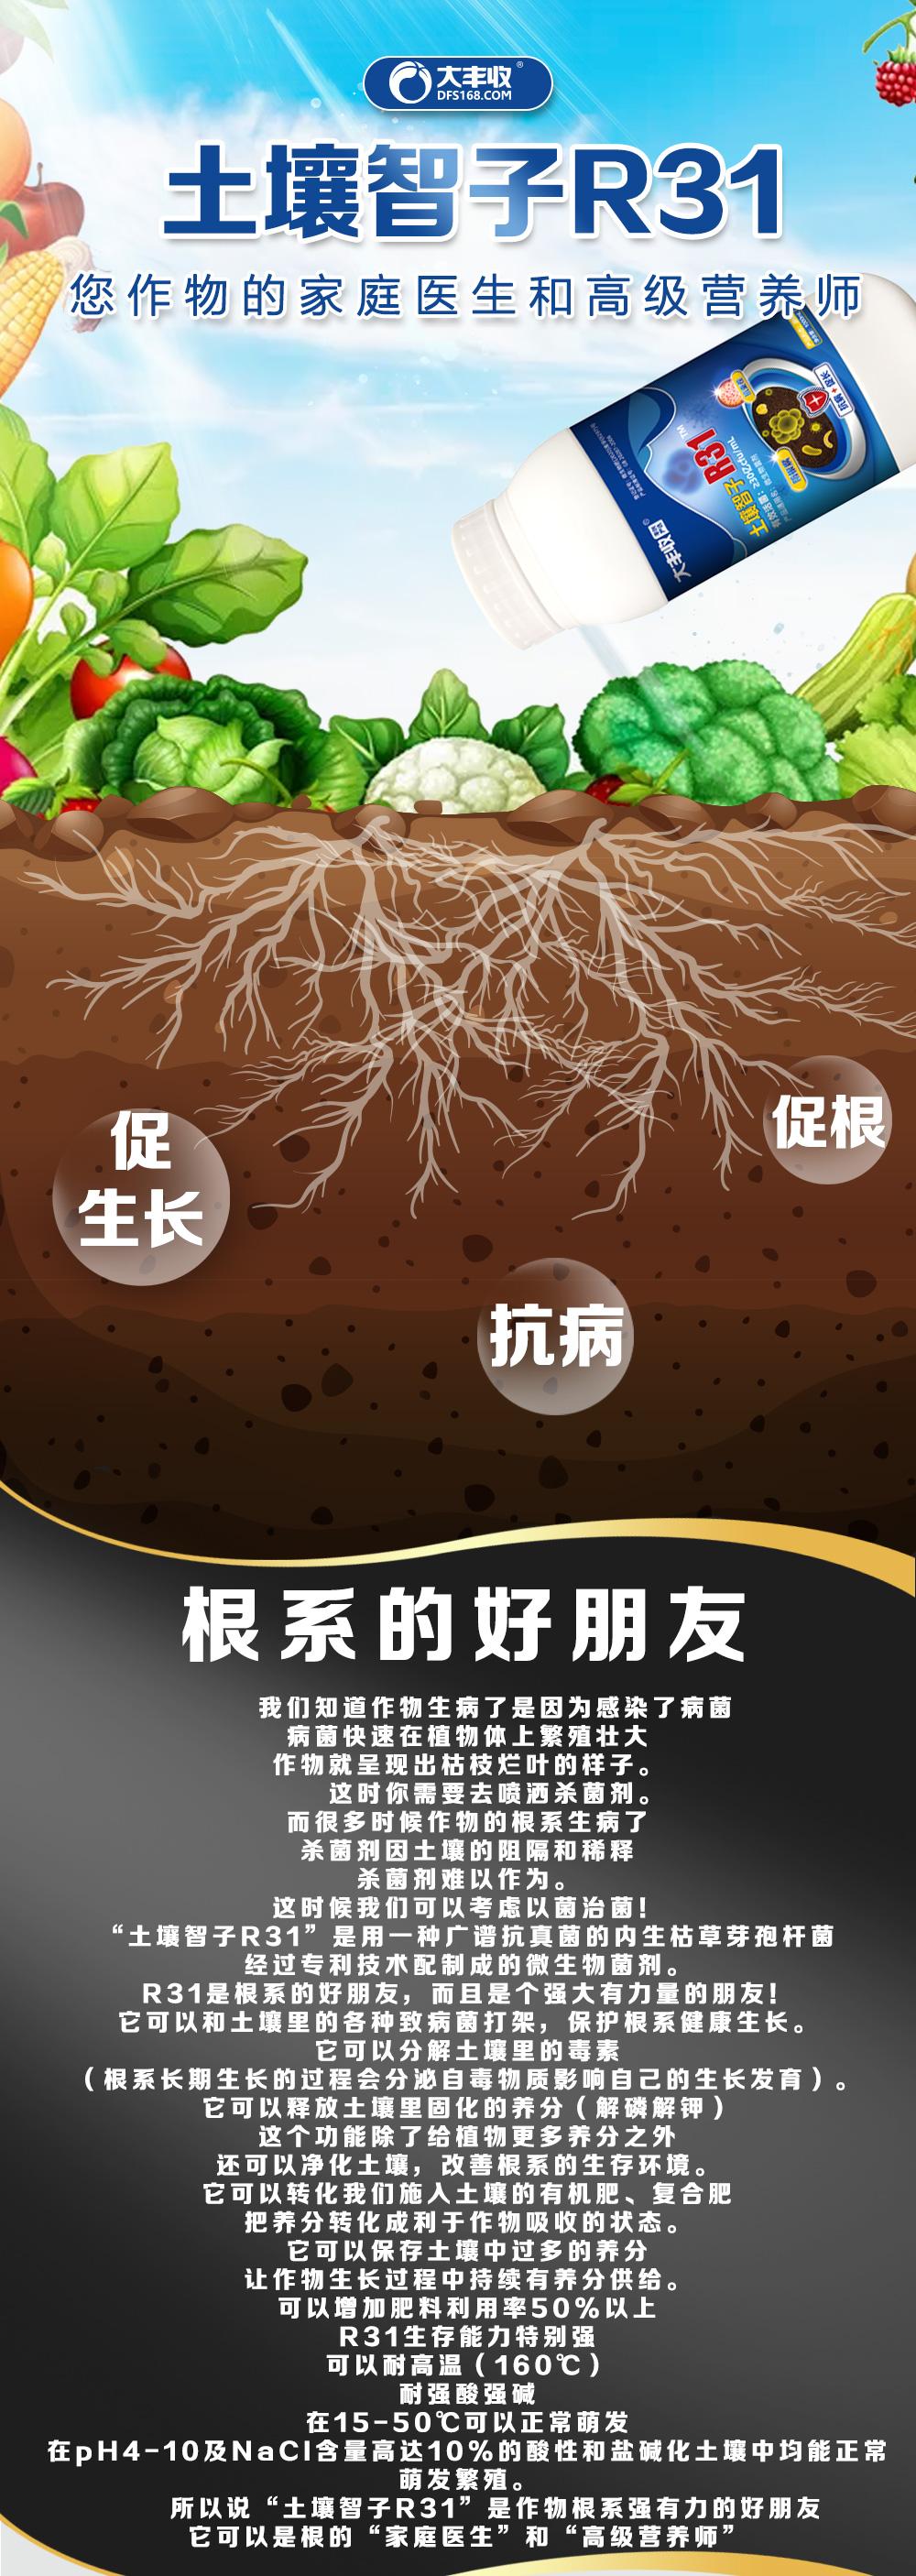 土壤智子-商祥2_01.jpg